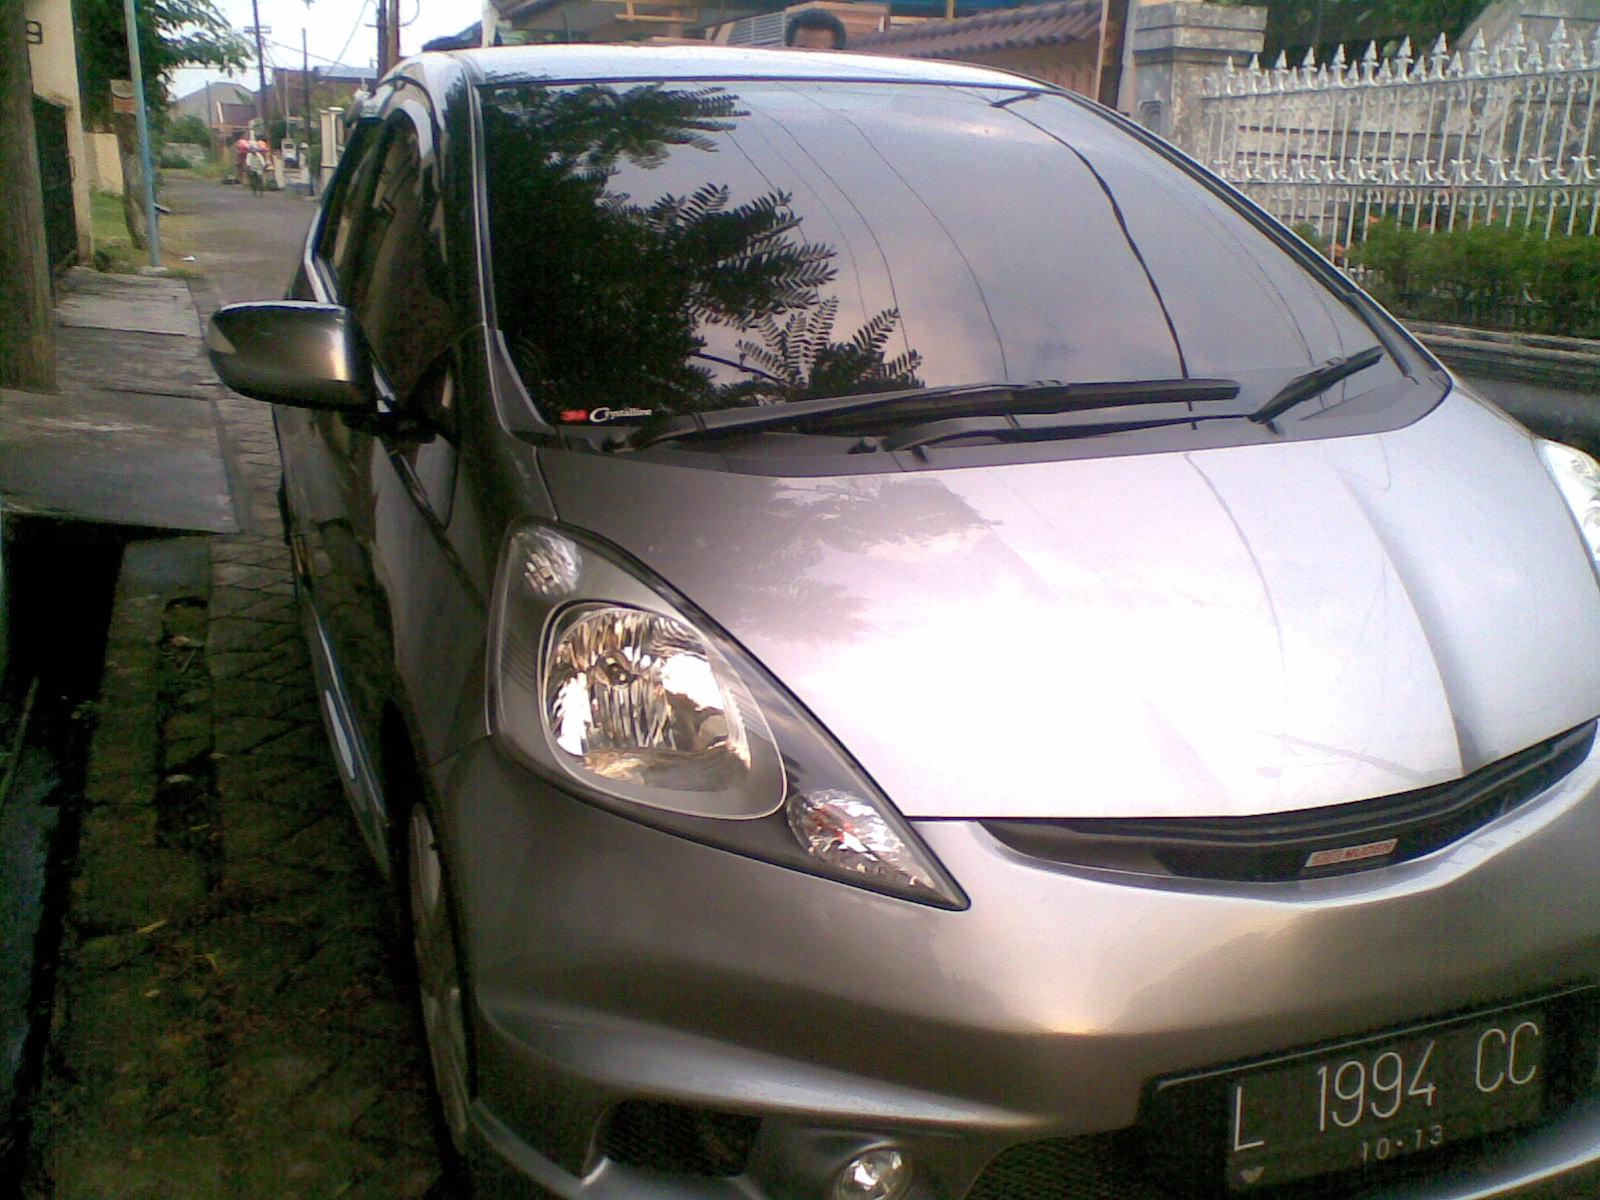 Jual All New Camry Pajak Kijang Innova 2016 Beli Kredit Mobil Bekas Murah Honda